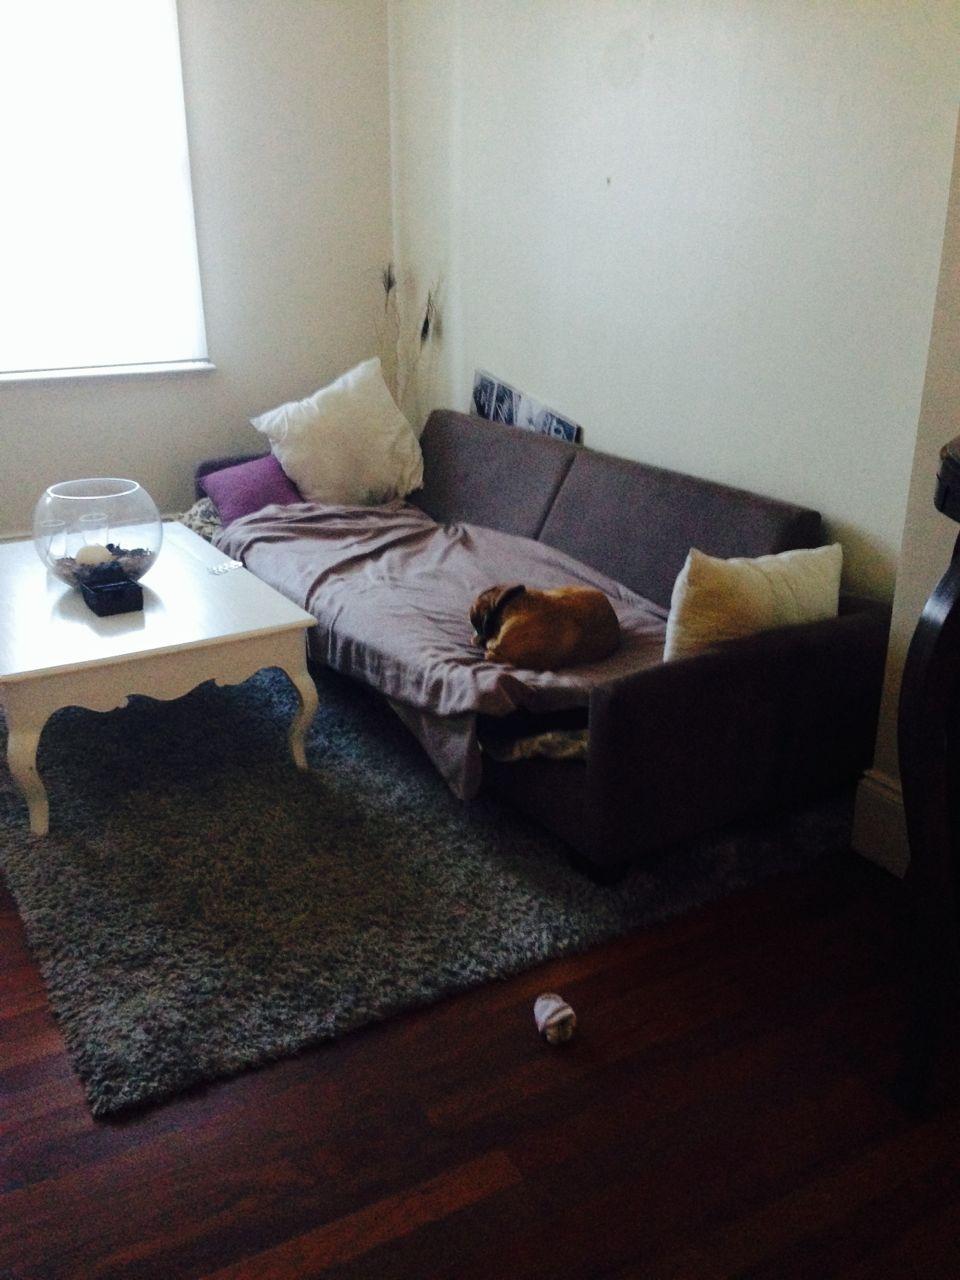 Tolle - halbe - Couch mit Hund und Hundehaaren